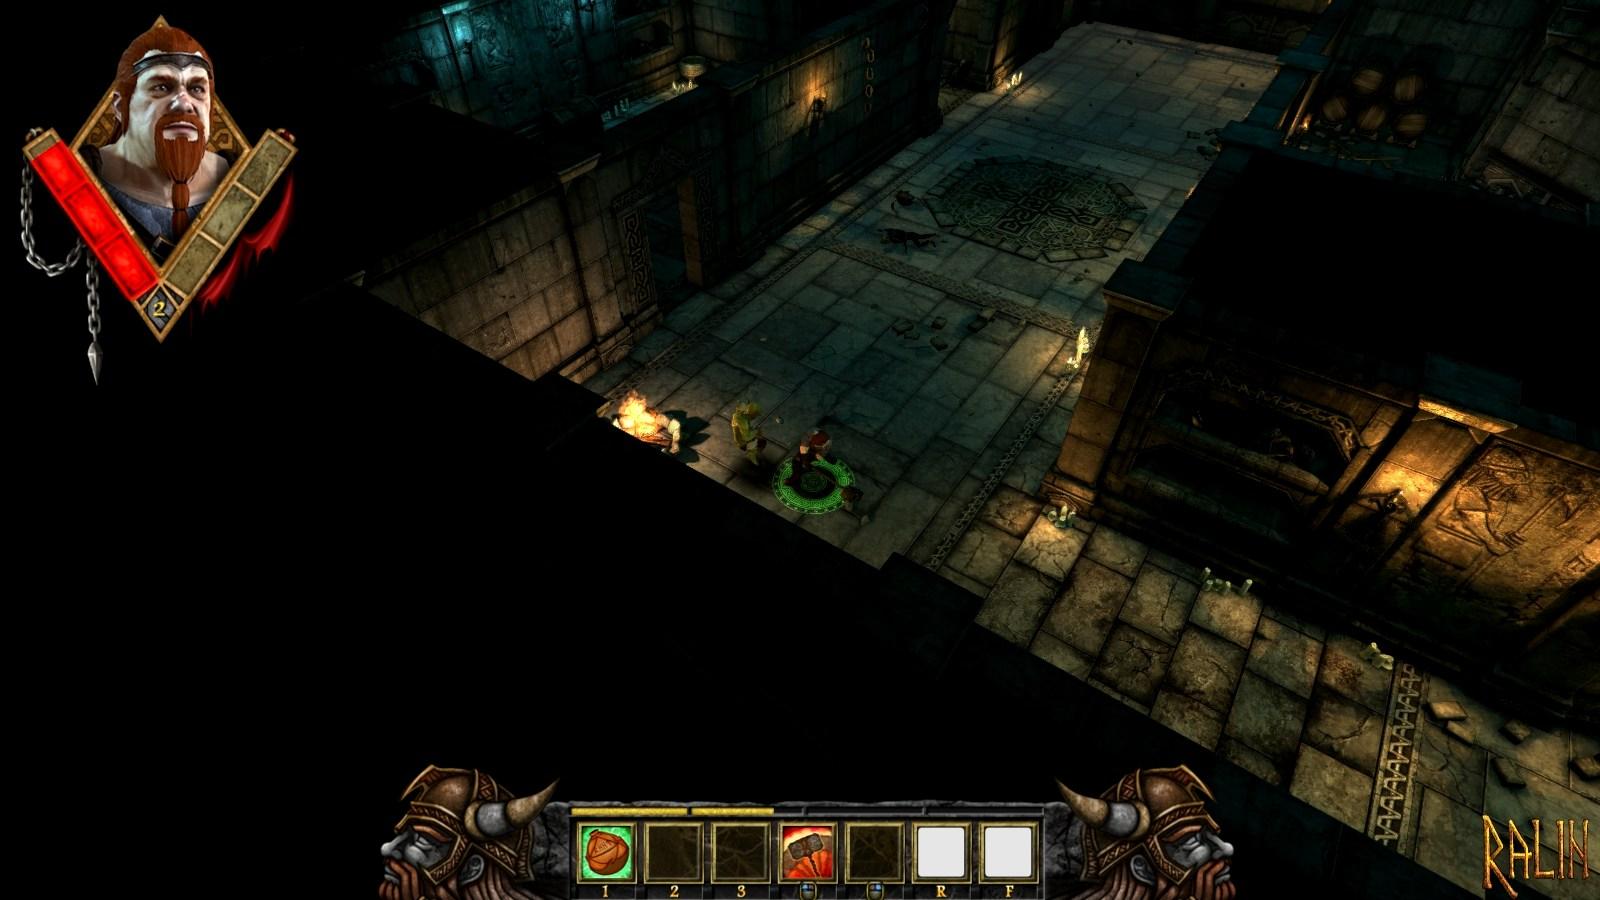 Ralin - Dwarf Wars (alpha 3)